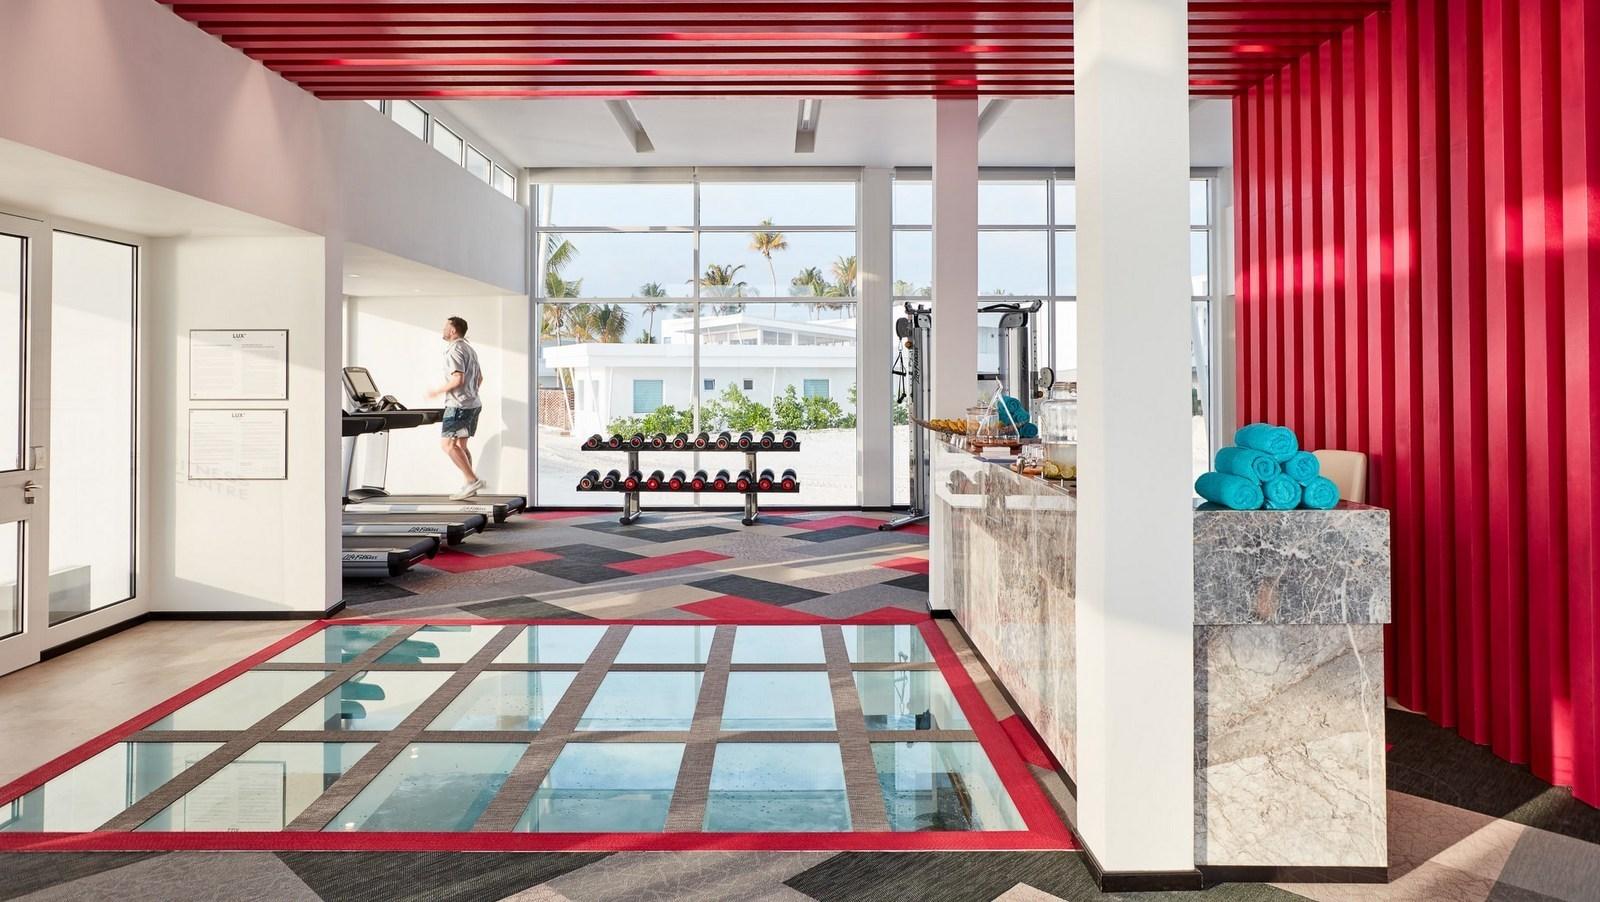 Мальдивы, отель LUX North Male Atoll, фитнес центр